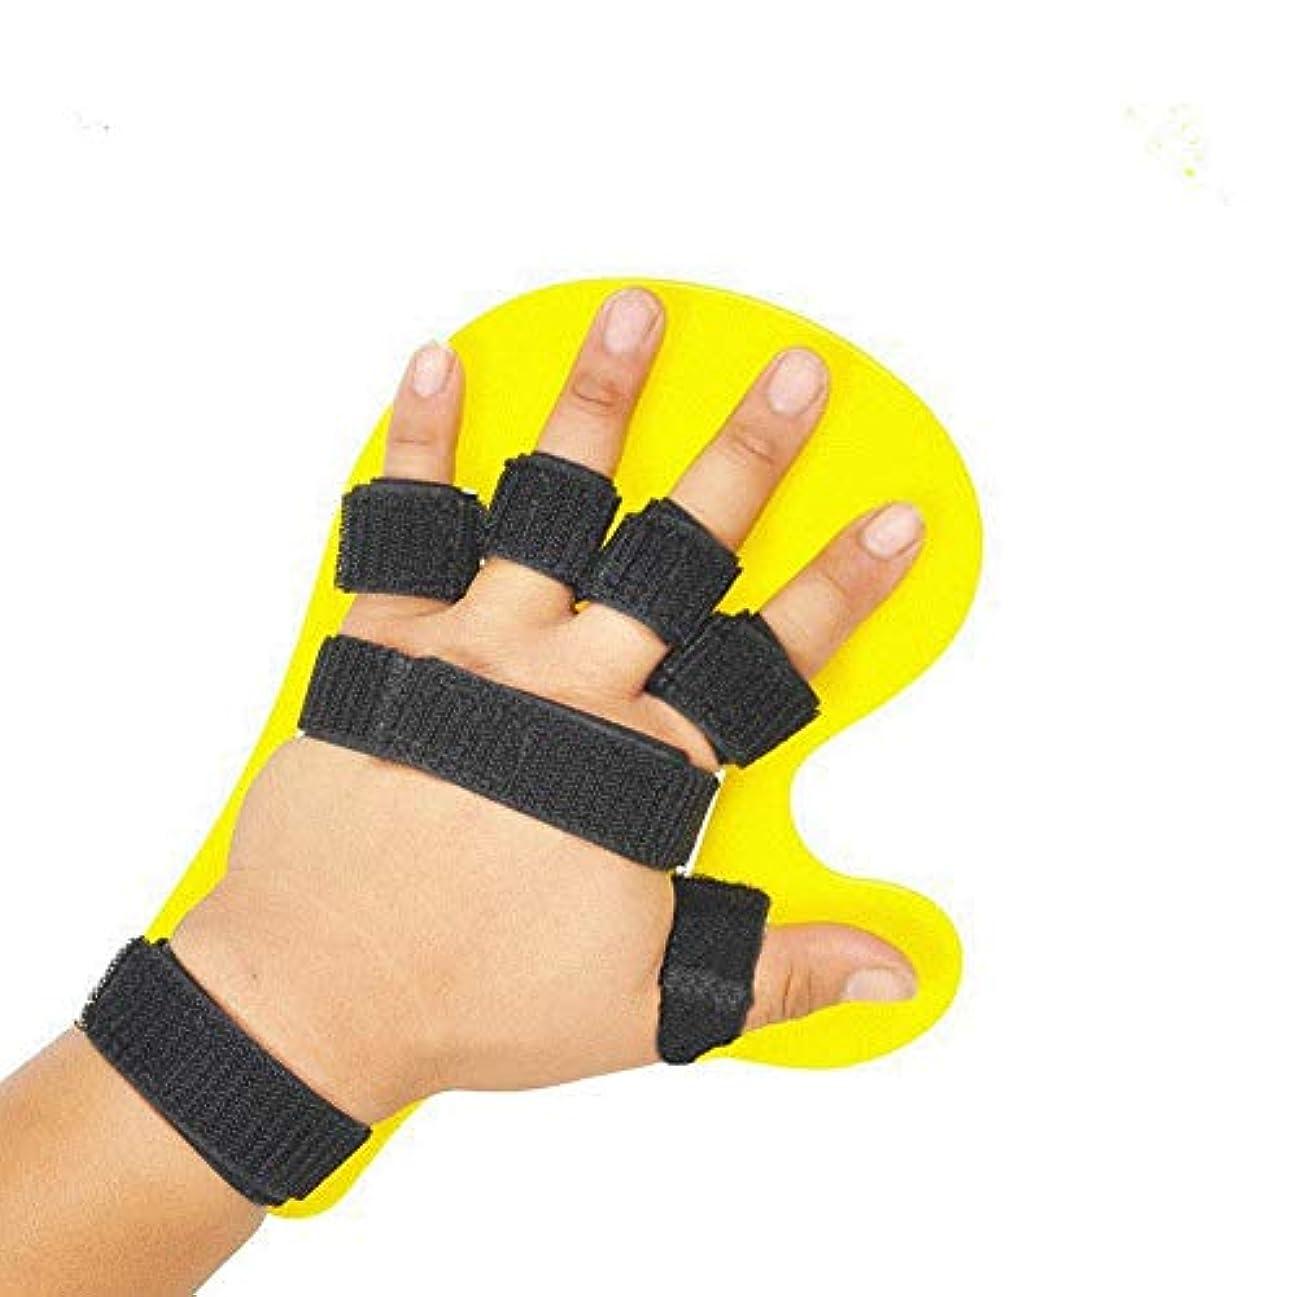 に変わるスラムここに調節可能な 成人指板は、筋萎縮を防止します指セパレーター(黄色)